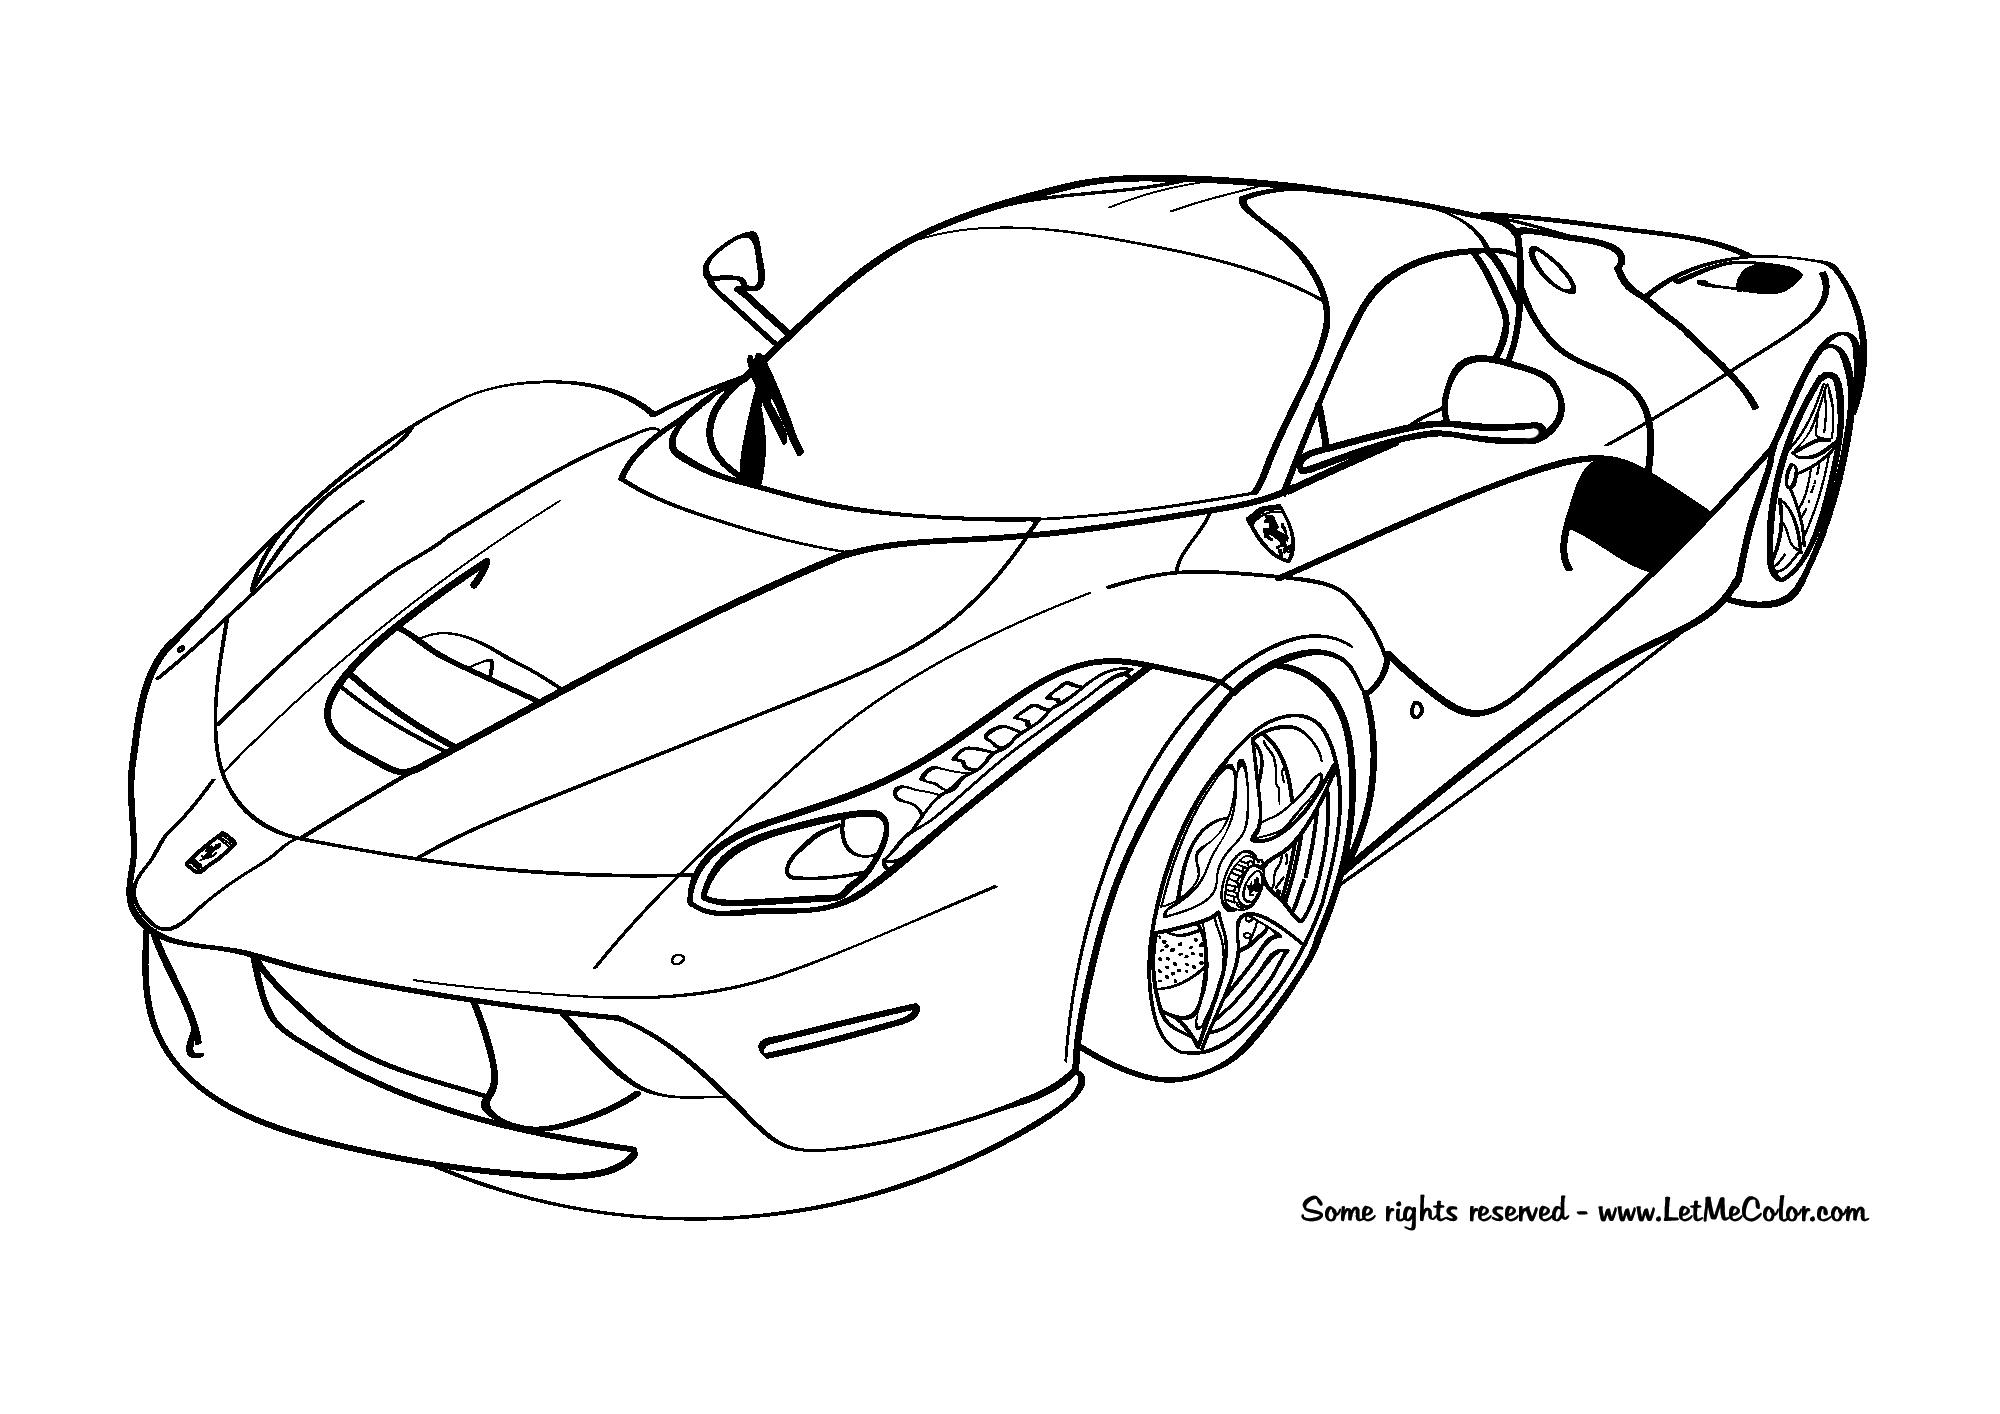 Ferarri clipart coloring page F150 page Ferrari Cars coloring